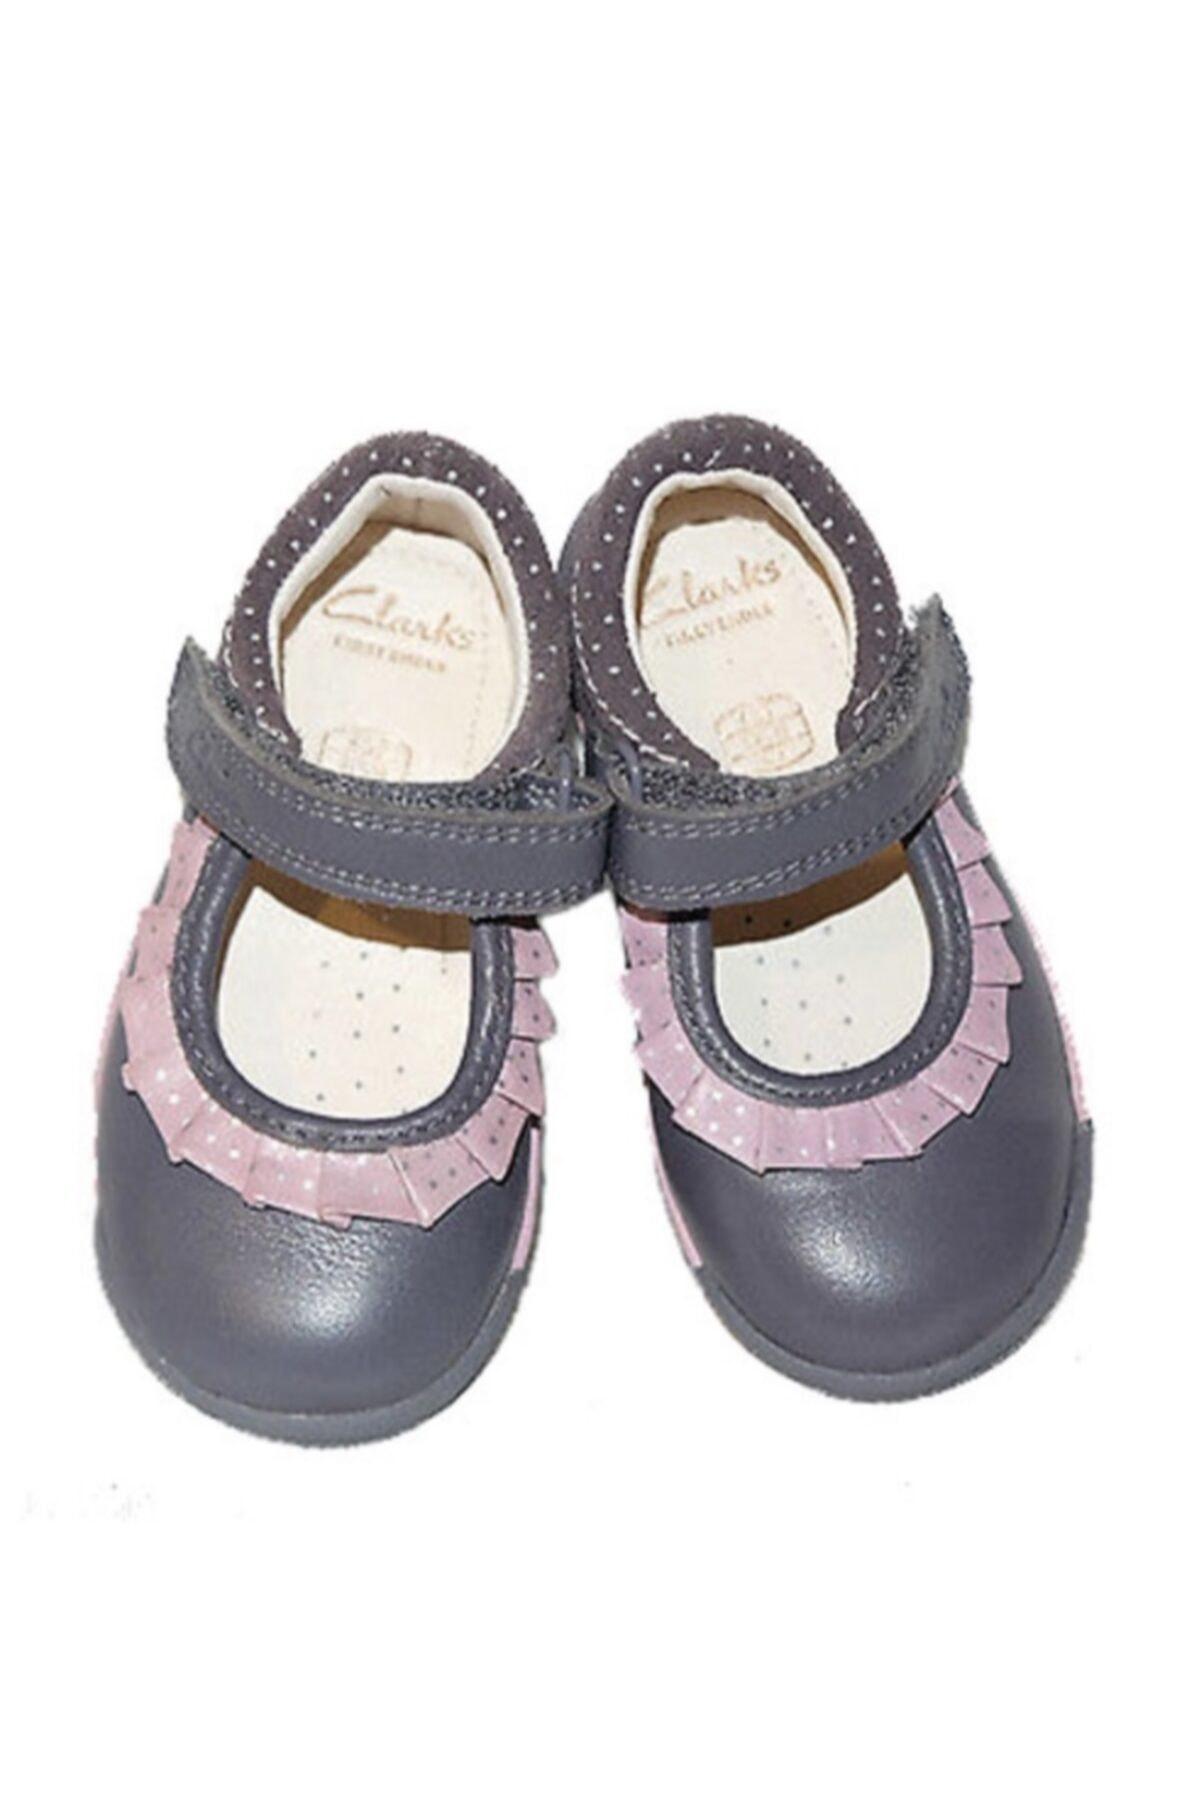 CLARKS Kız Çocuk 0-2 Yaş Ayakkabı Ortopedik 18-24 1